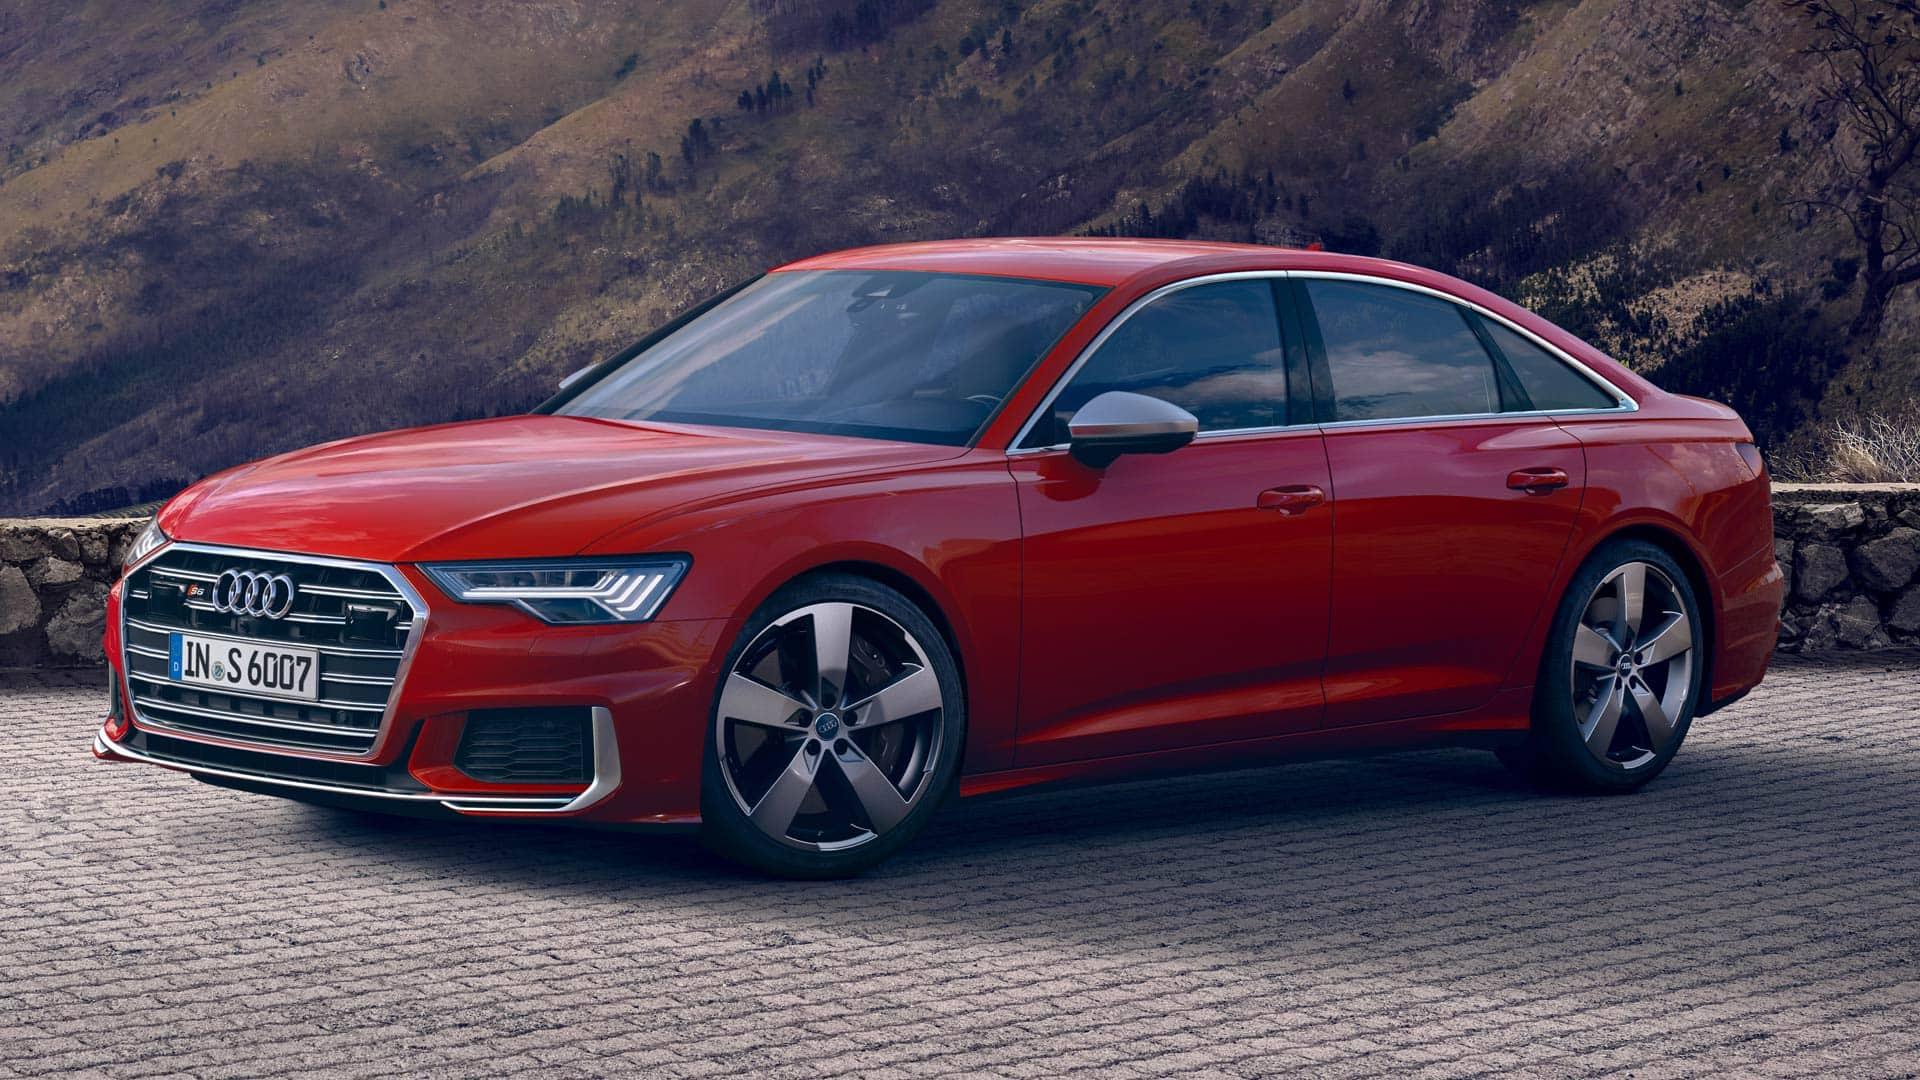 Kelebihan Kekurangan Audi S6 Harga